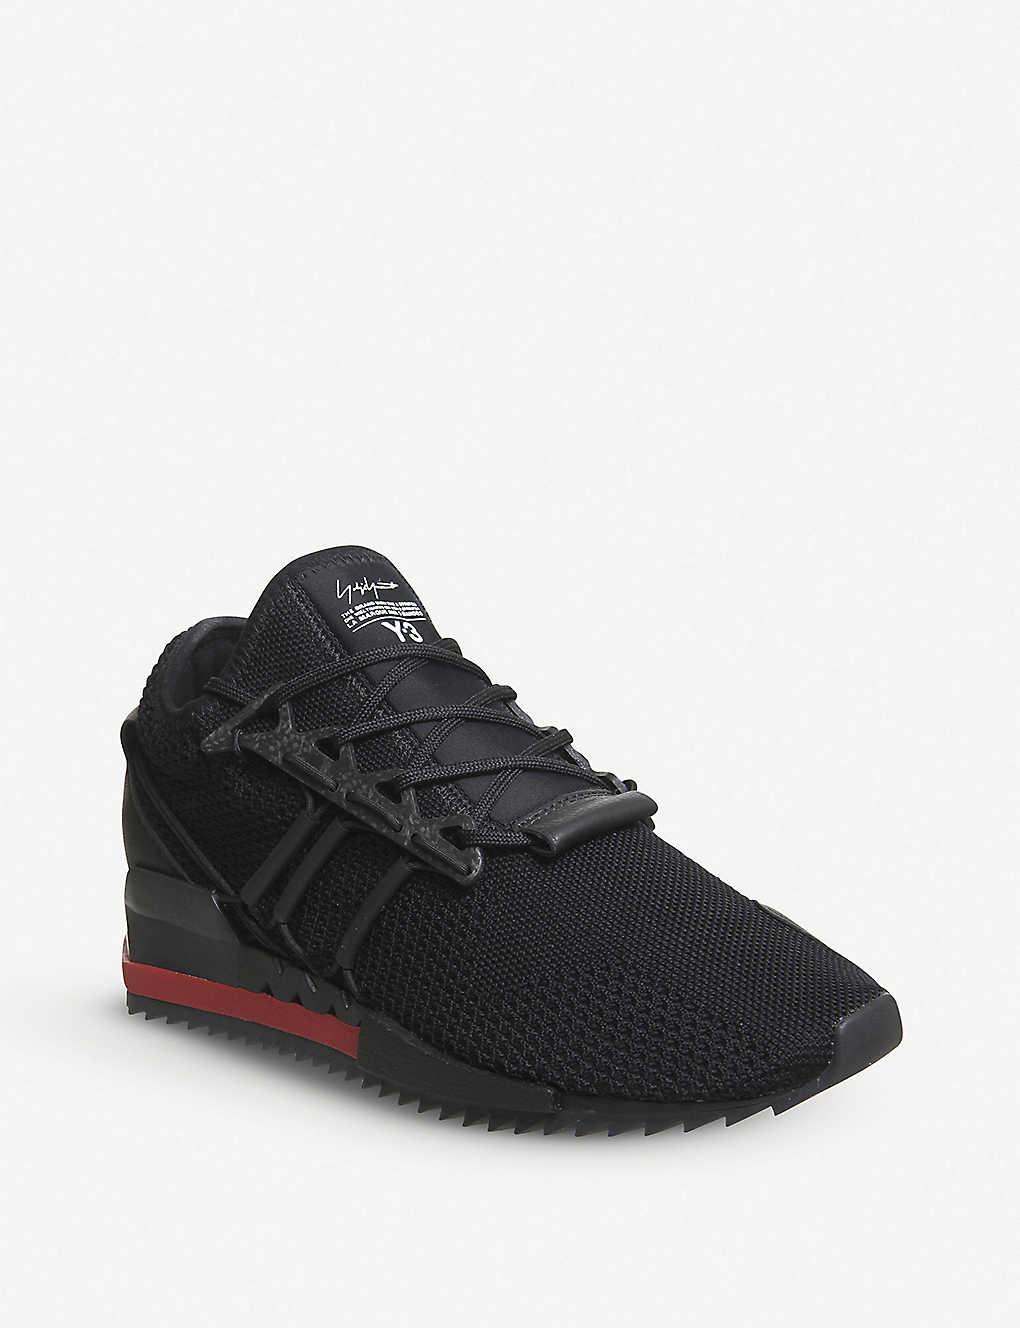 feca7c0cb1ae8 ADIDAS Y3 - Y-3 Harigane Primeknit and leather trainers